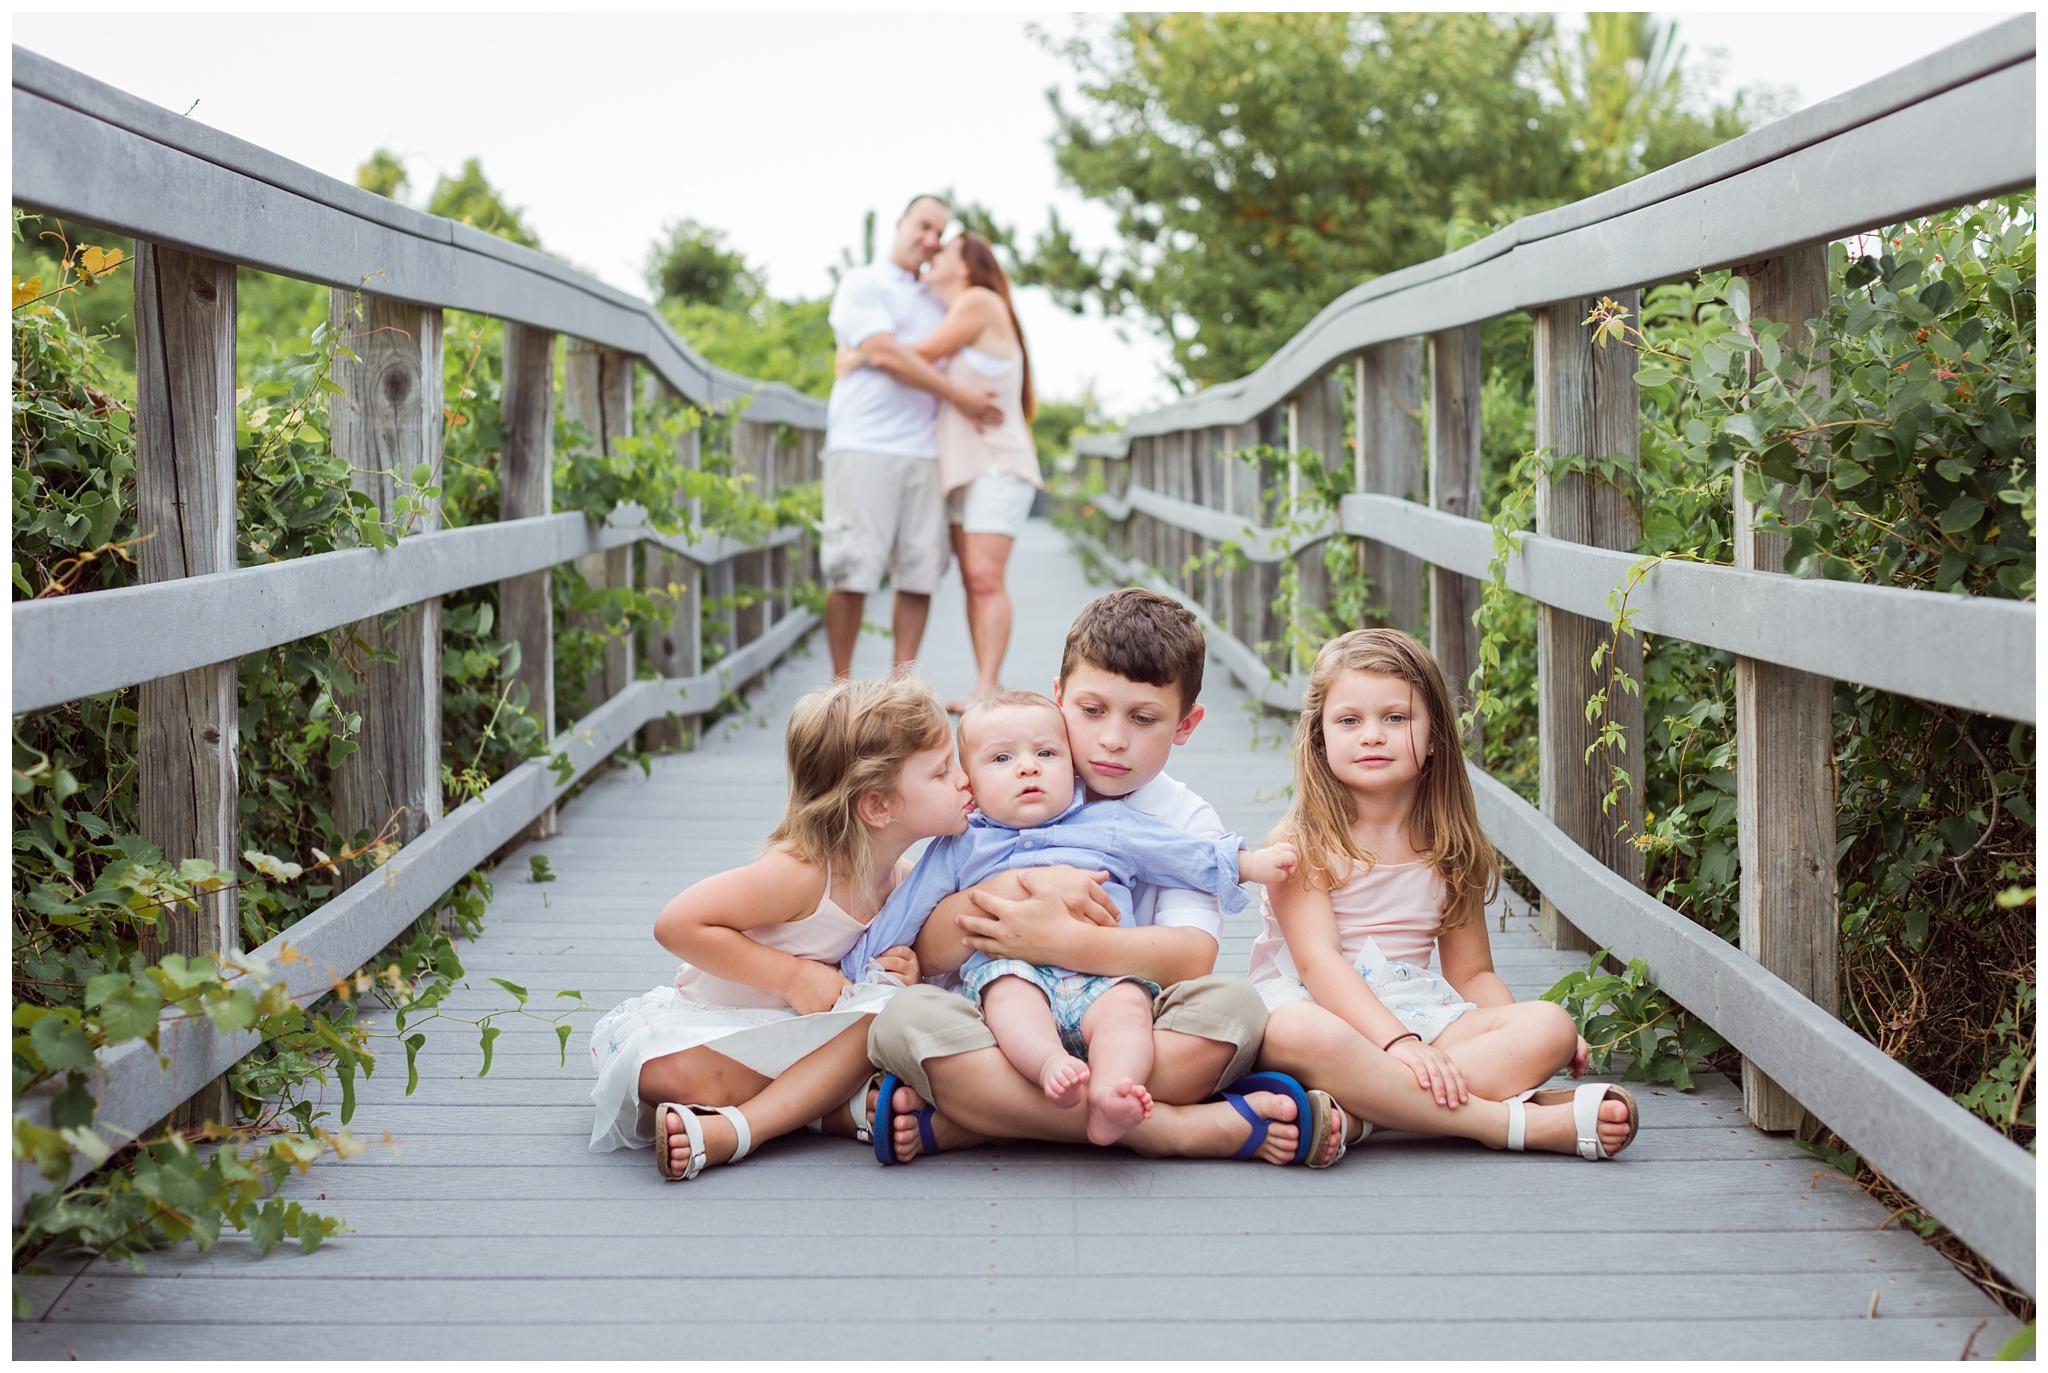 Virginia-Beach-Family-Photographer -4.jpg